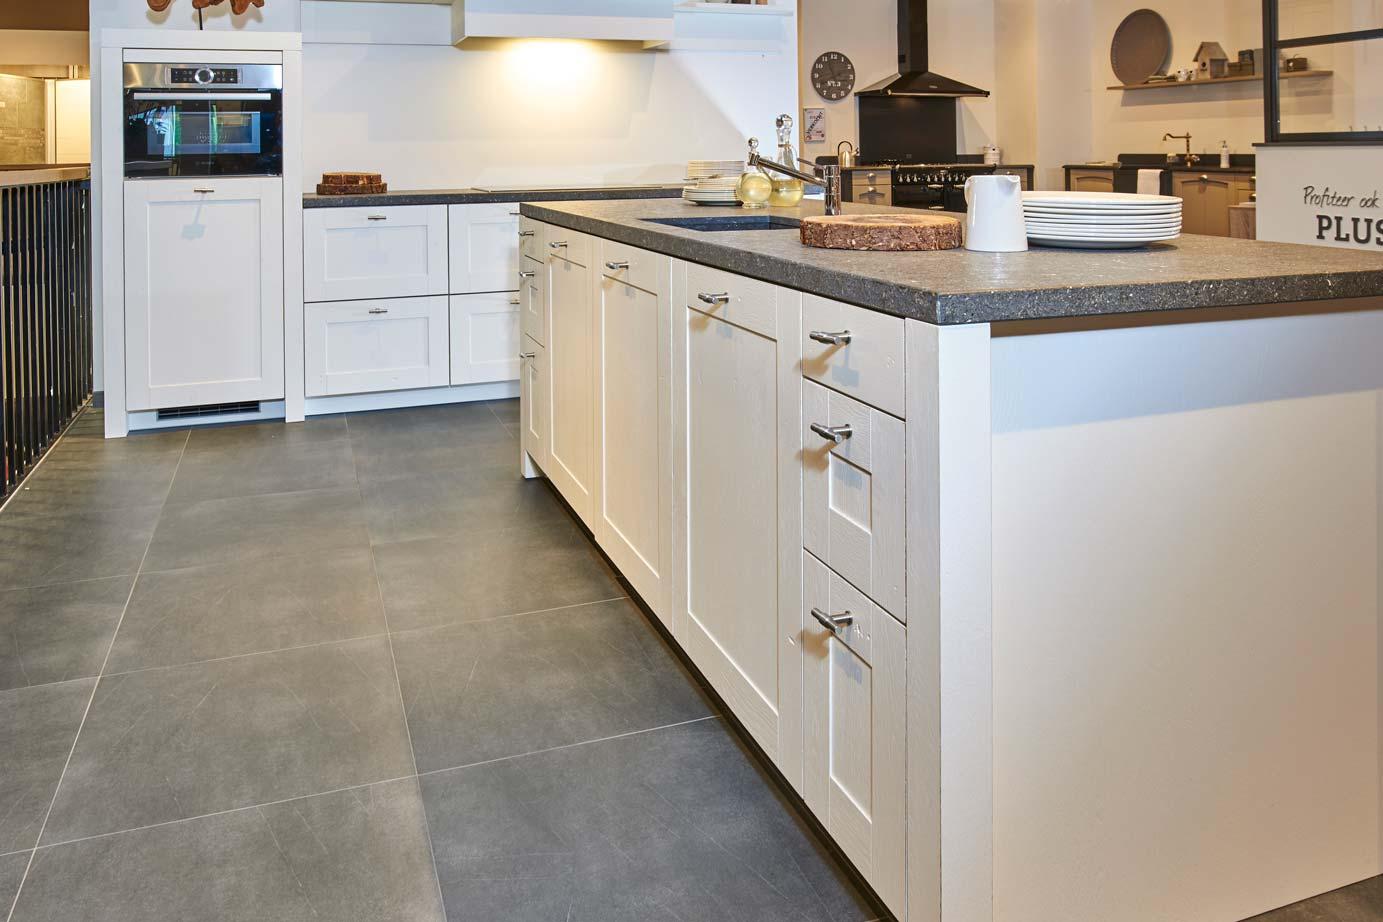 Genoeg Landelijke witte keuken met eiland. Met A-merk apparatuur. - DB &FU53